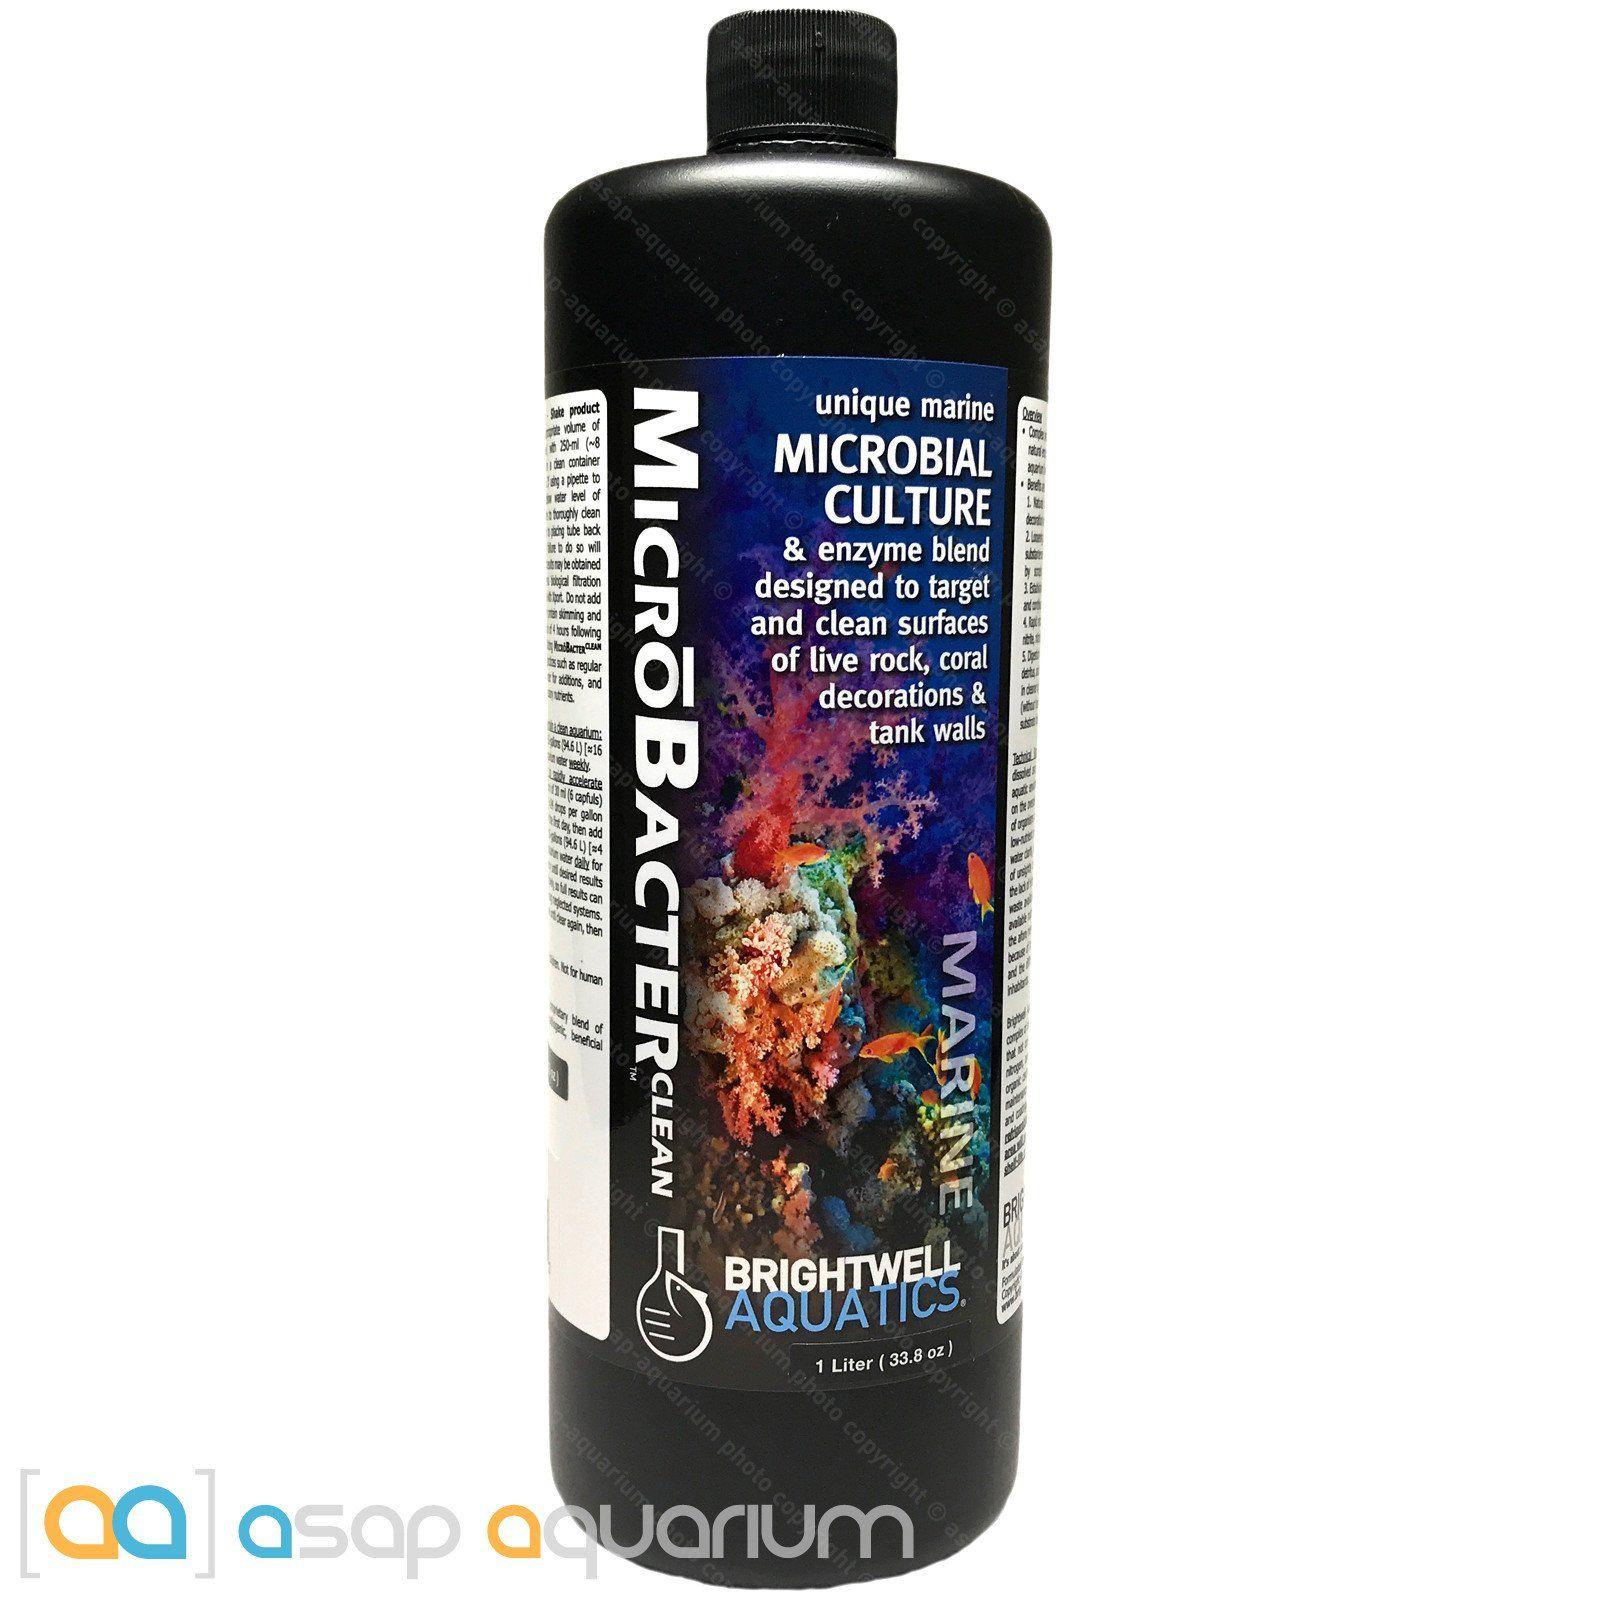 Brightwell Aquatics MicroBacter Clean 1 Liter